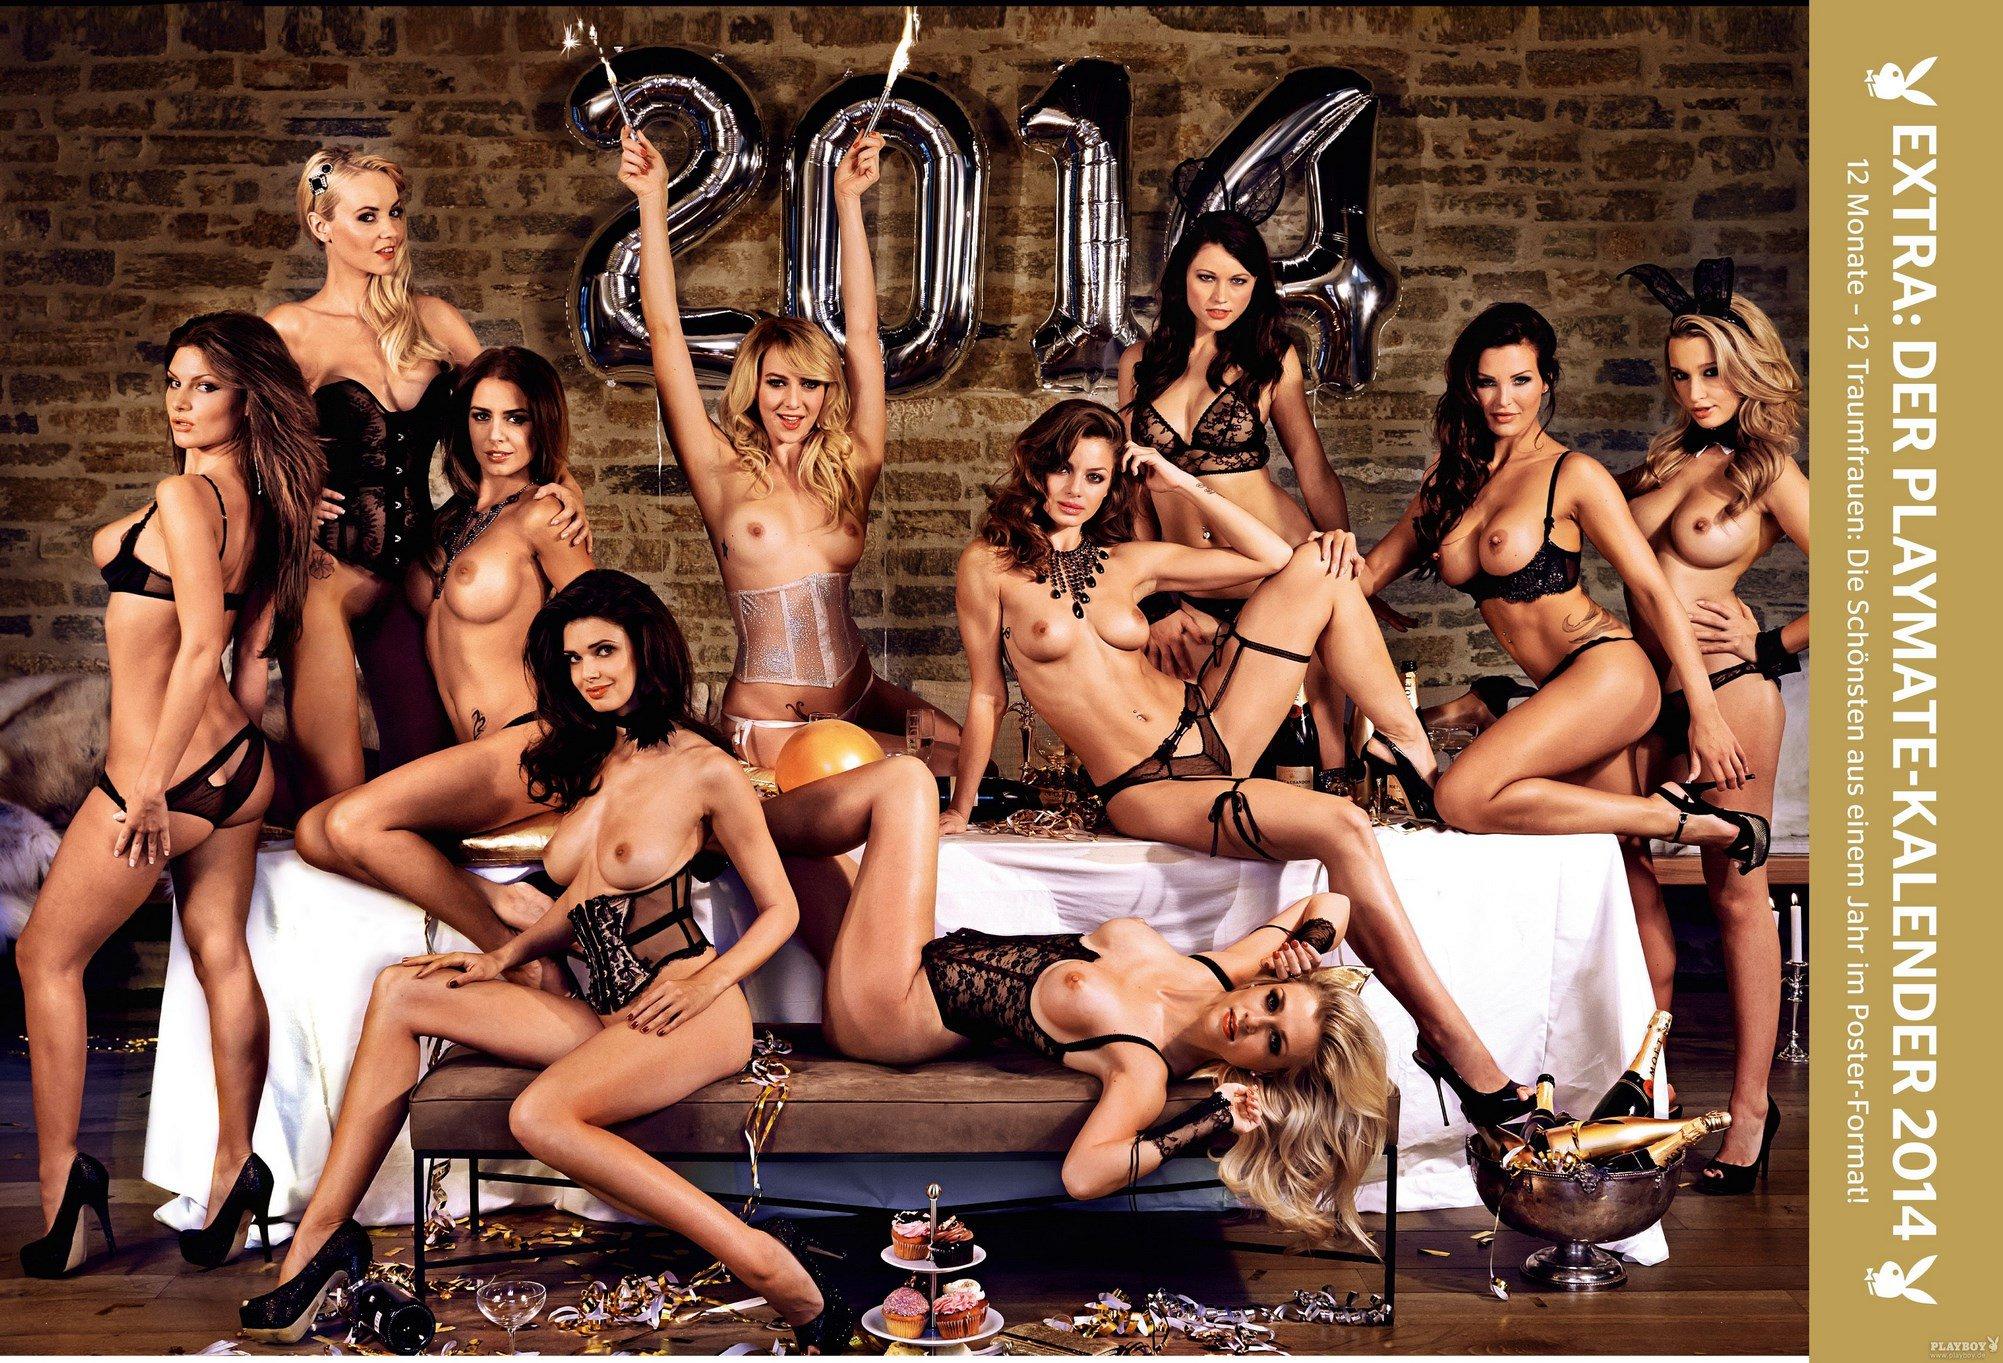 Старые эротические календари 80 х годов 28 фотография